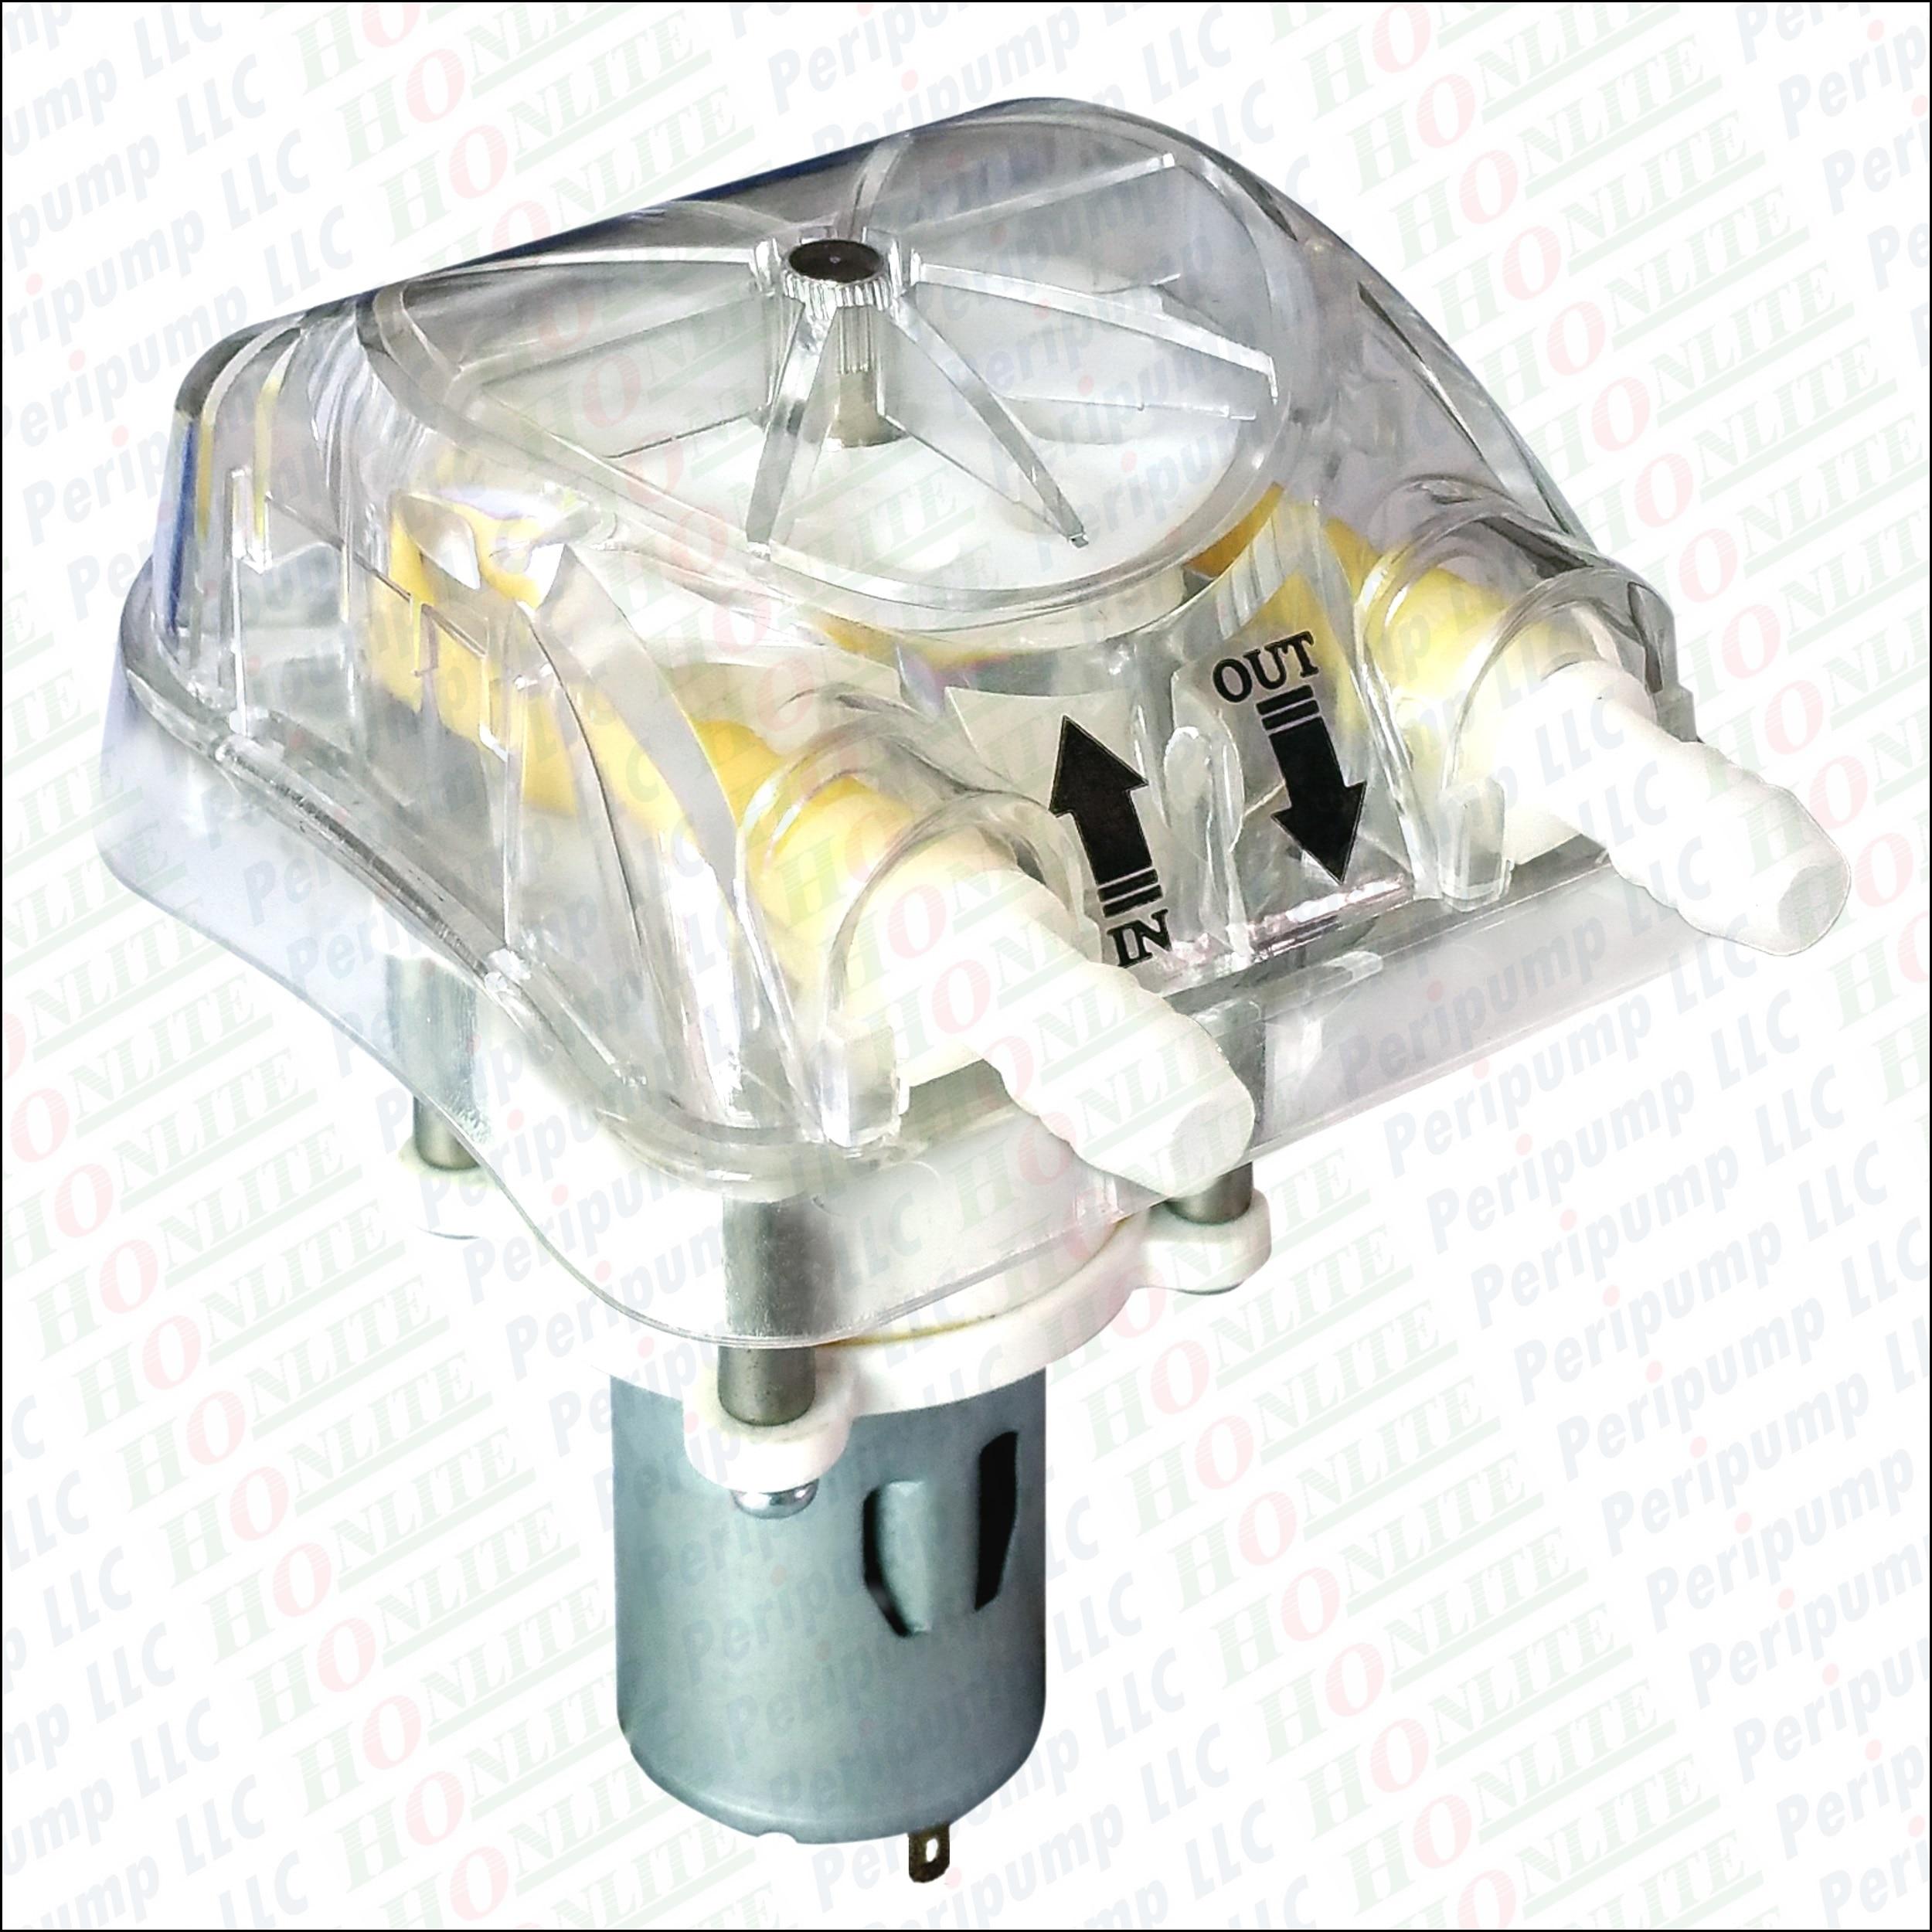 Перистальтический насос 1000 мл/мин., 30psi, 12Vdc, сменная насосная насадка в прозрачной и перистальтической трубке